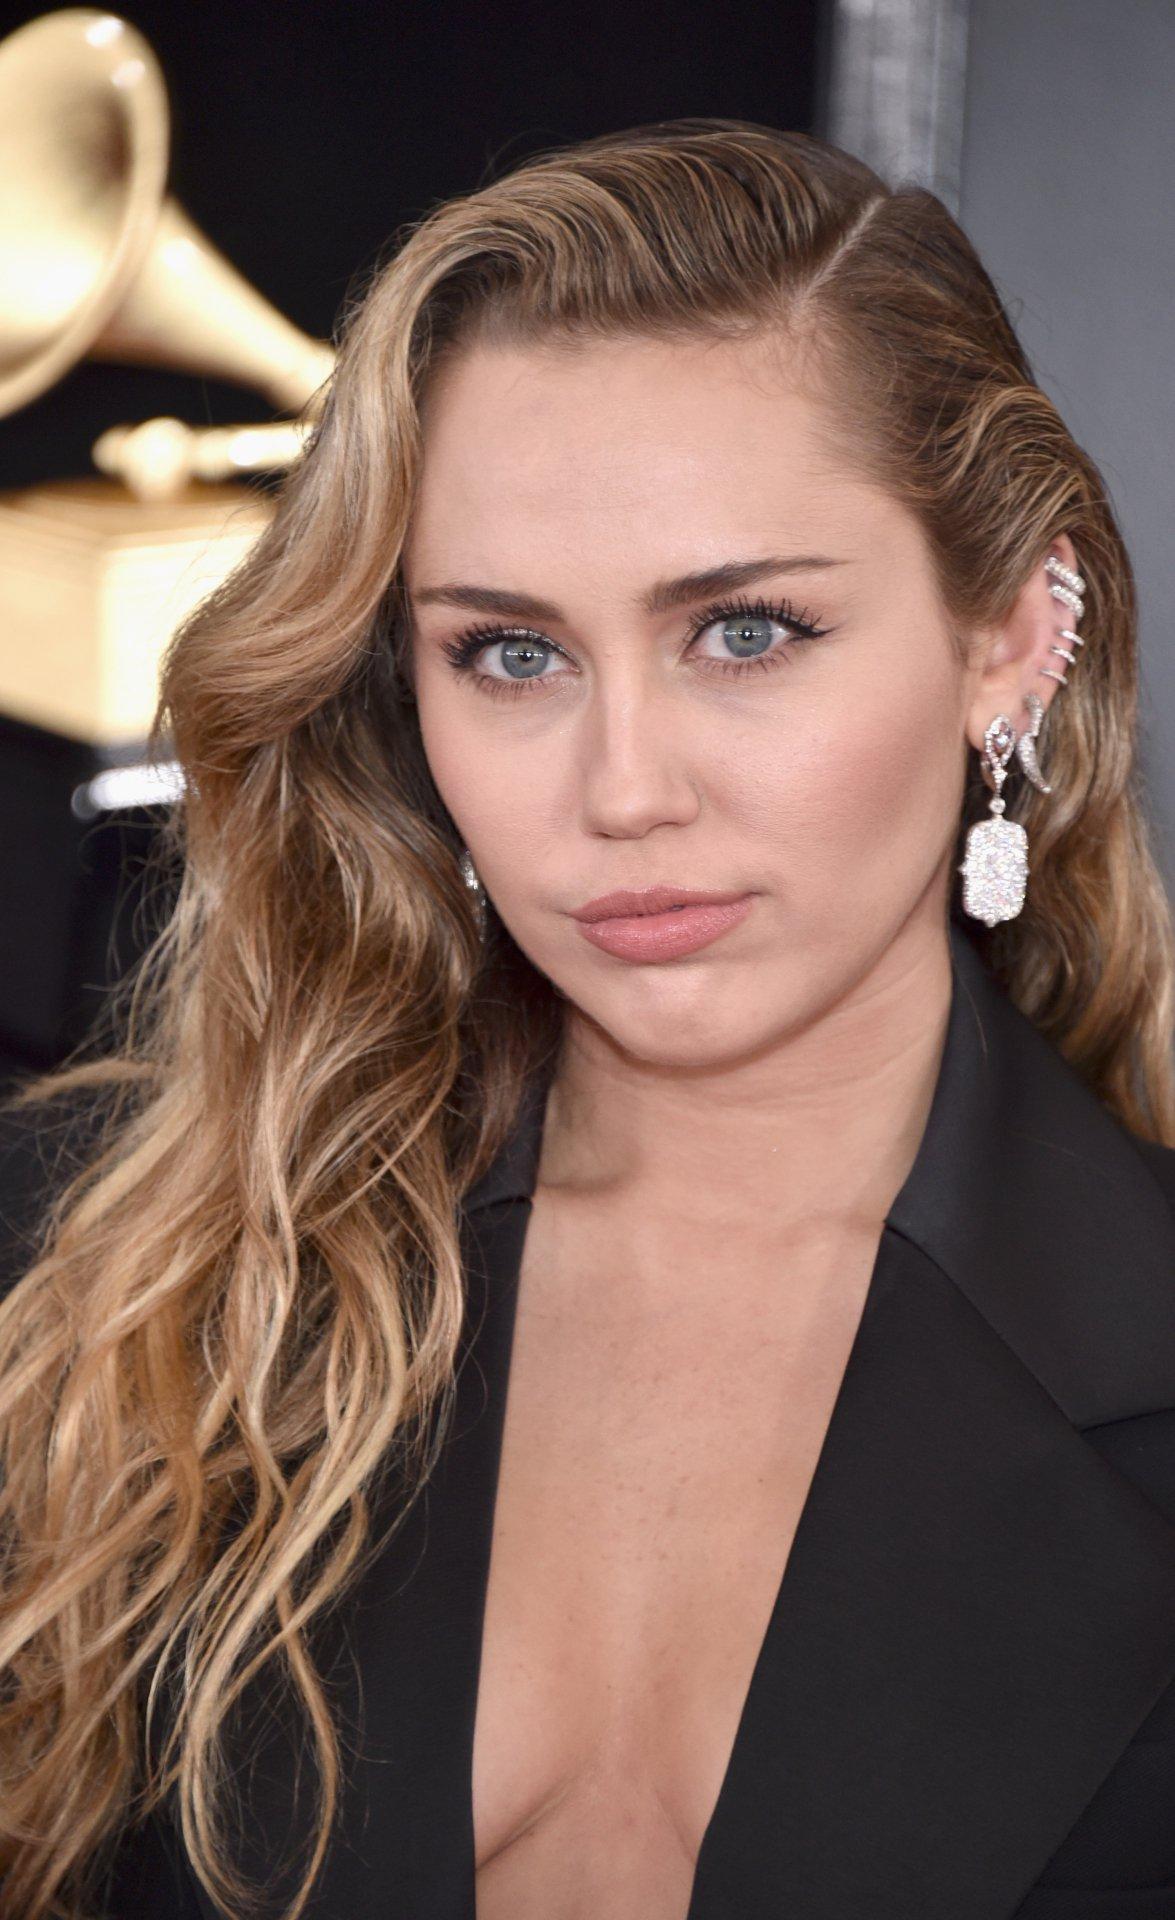 Miley Cyrus Braless